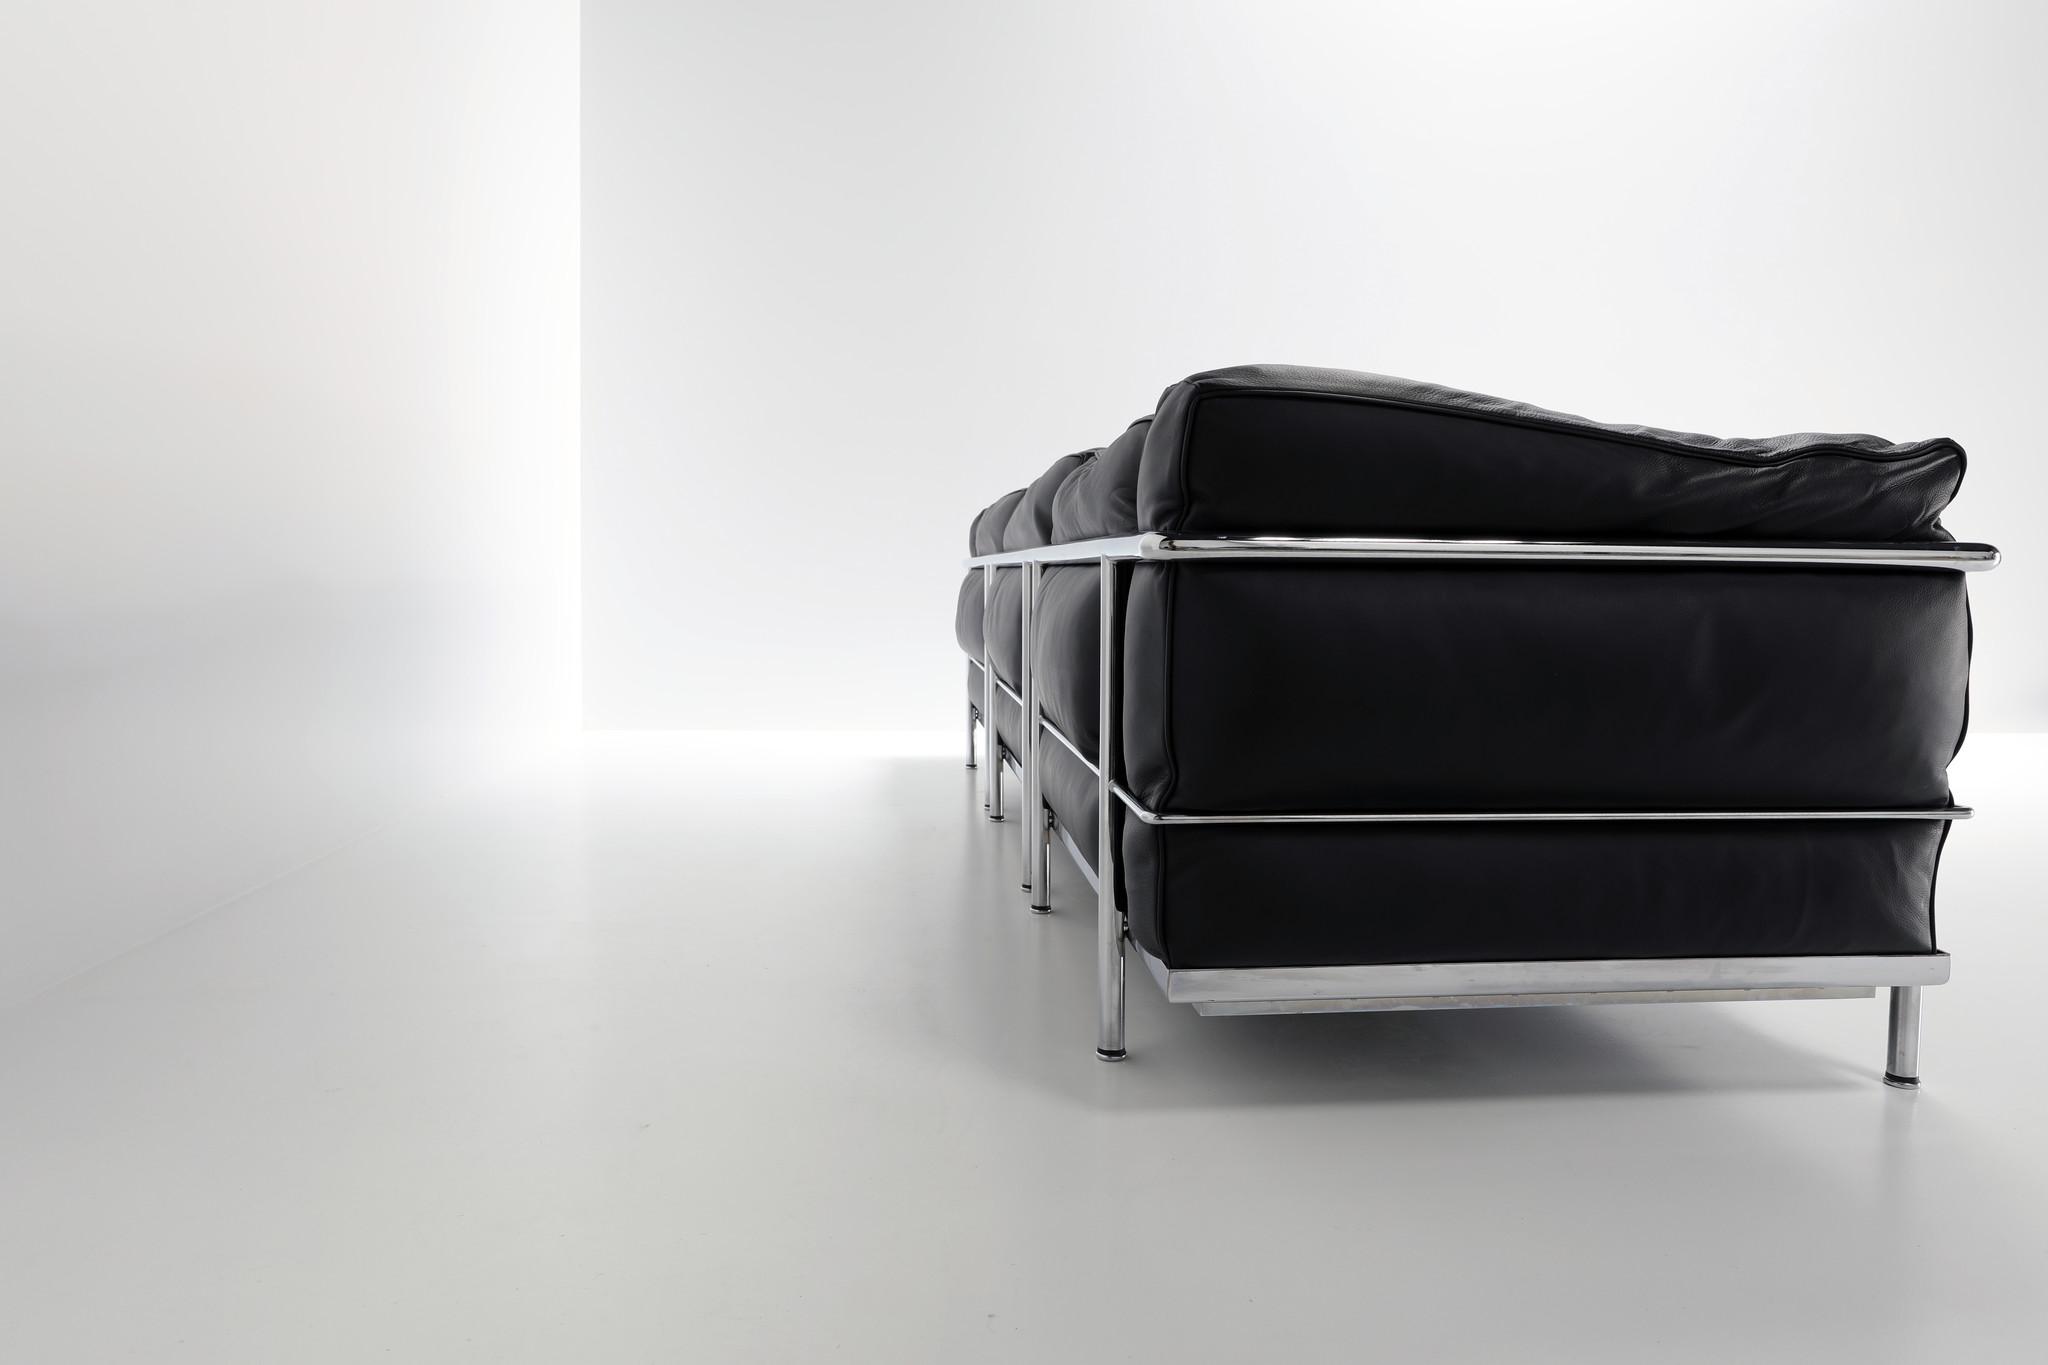 Le Corbusier lc3 voor Cassina